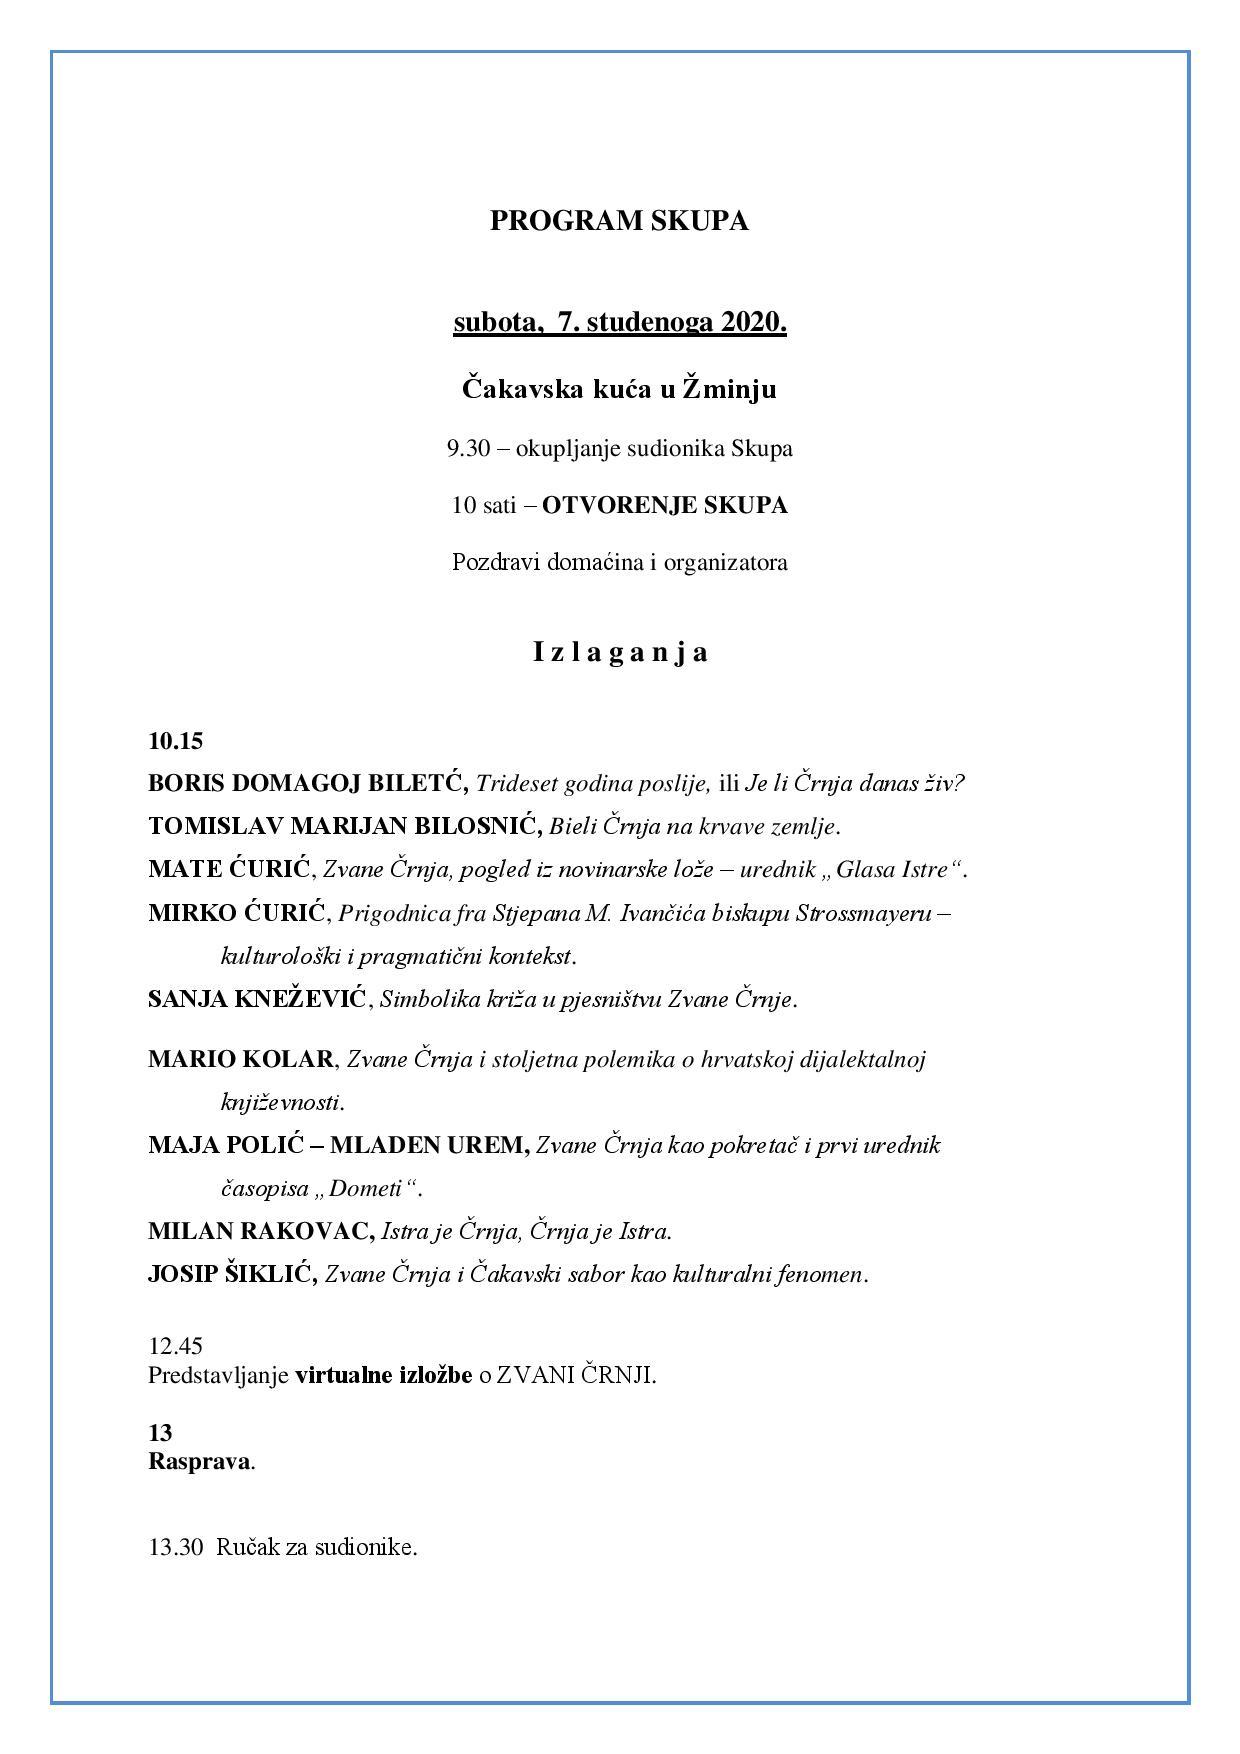 Crnja i cs - zminj 2020. - pozivnica i program-page-003